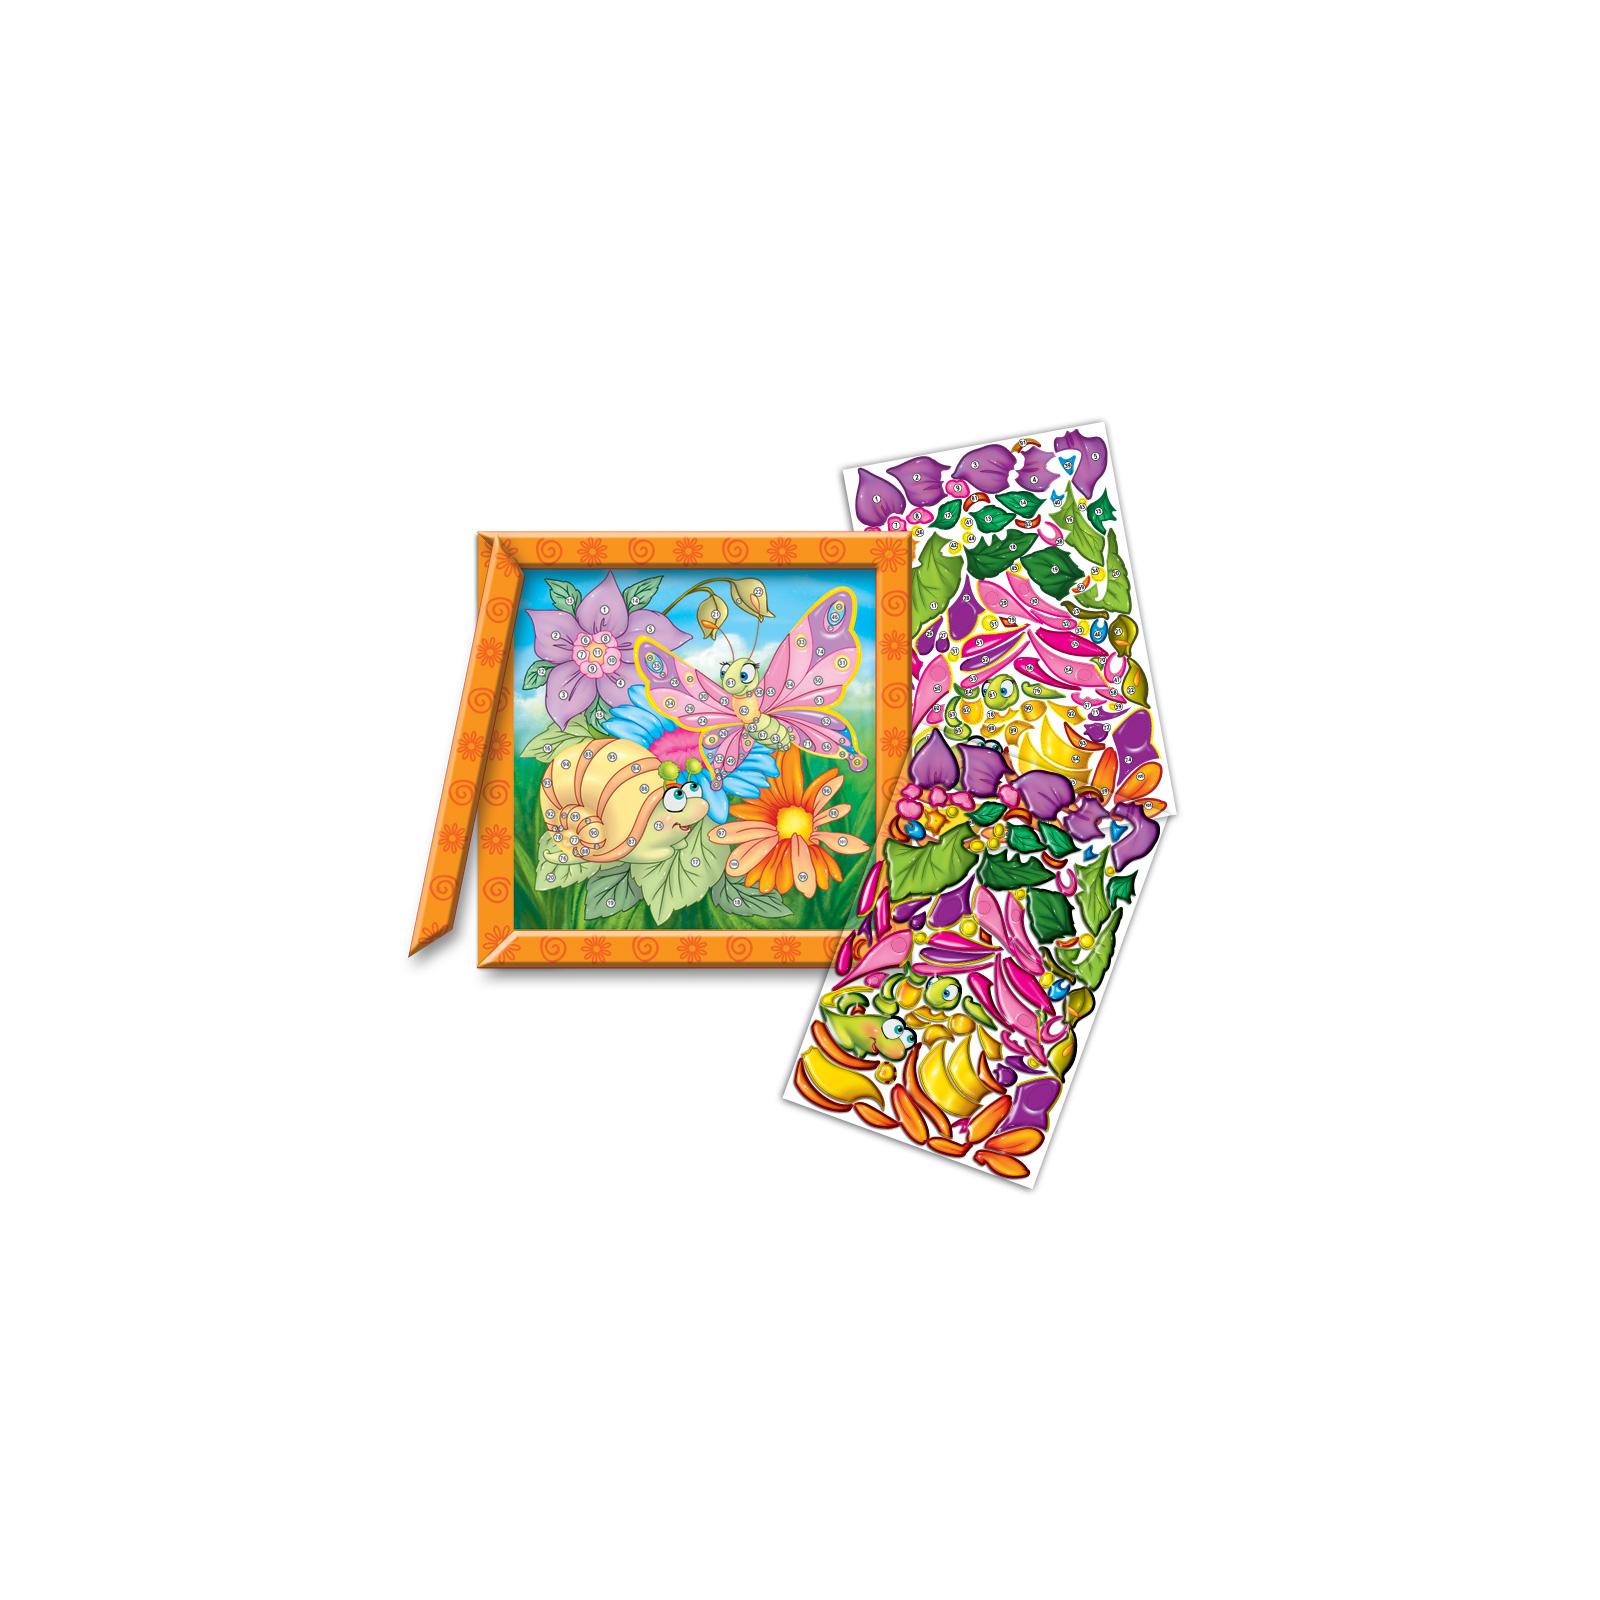 Набор для творчества Vladi Toys Кристалл картина Бабочка и улитка (VT4010-03) изображение 2